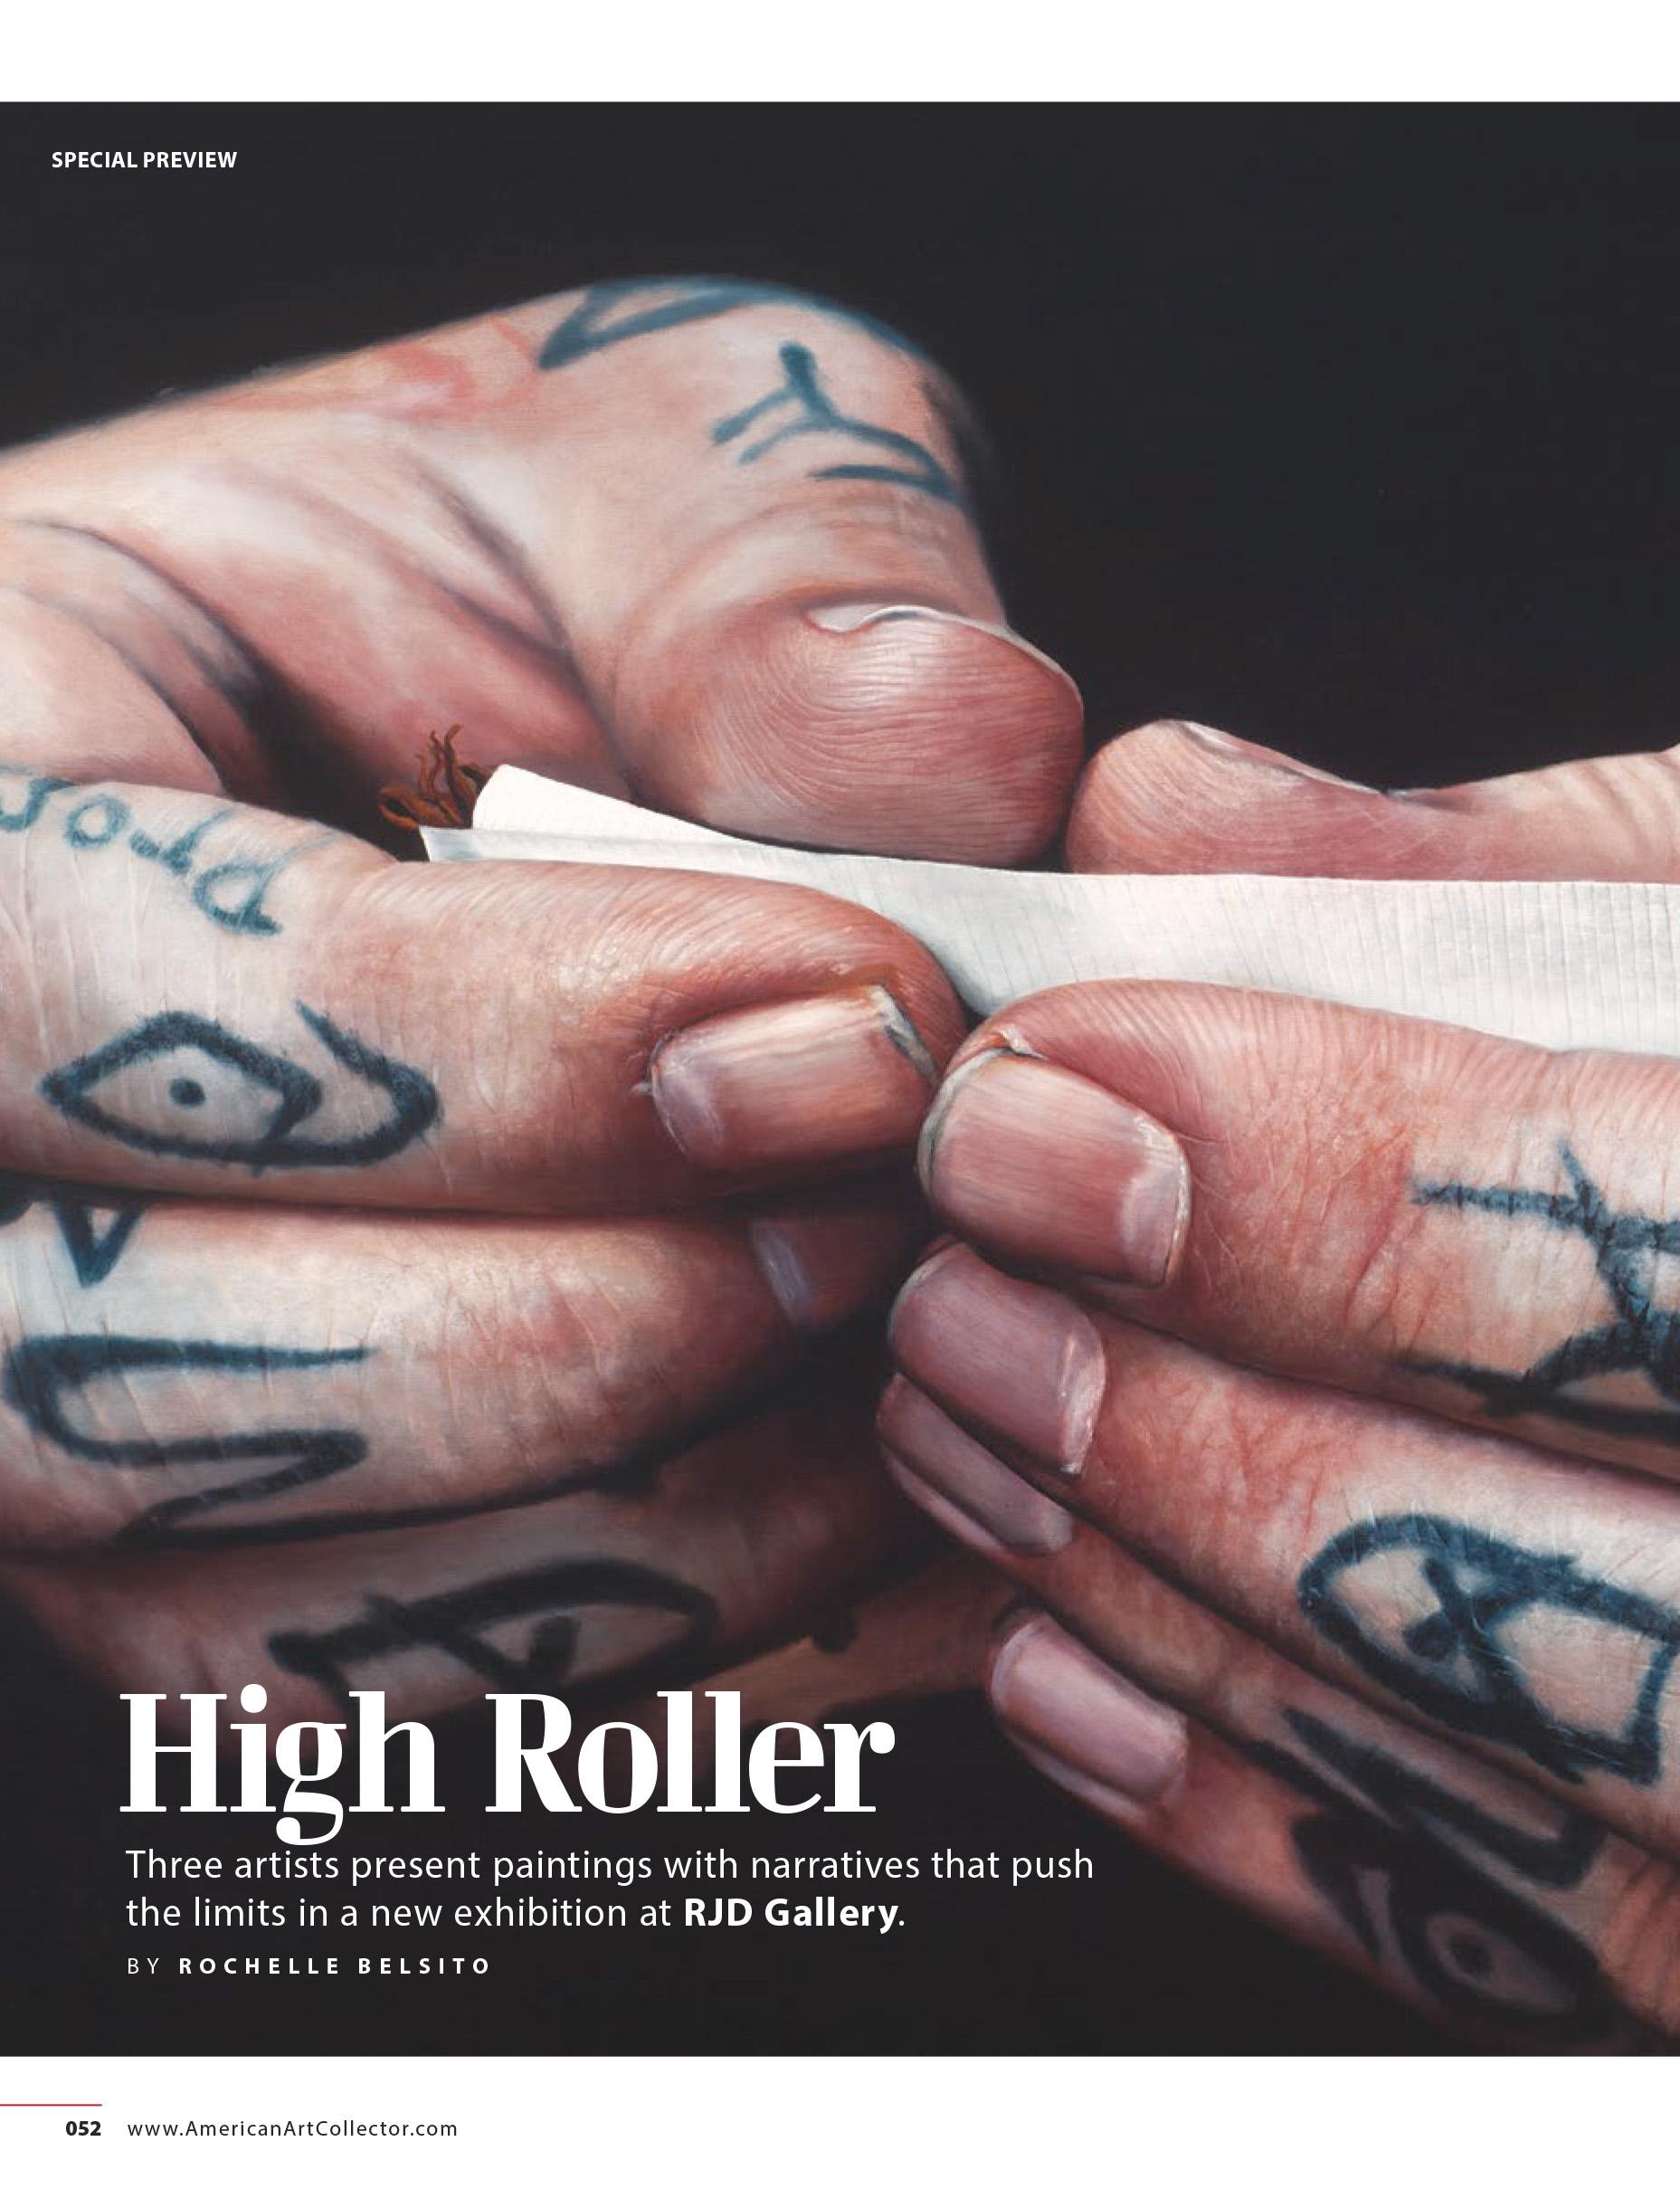 SpPRE-High Roller-1 art mag.jpg